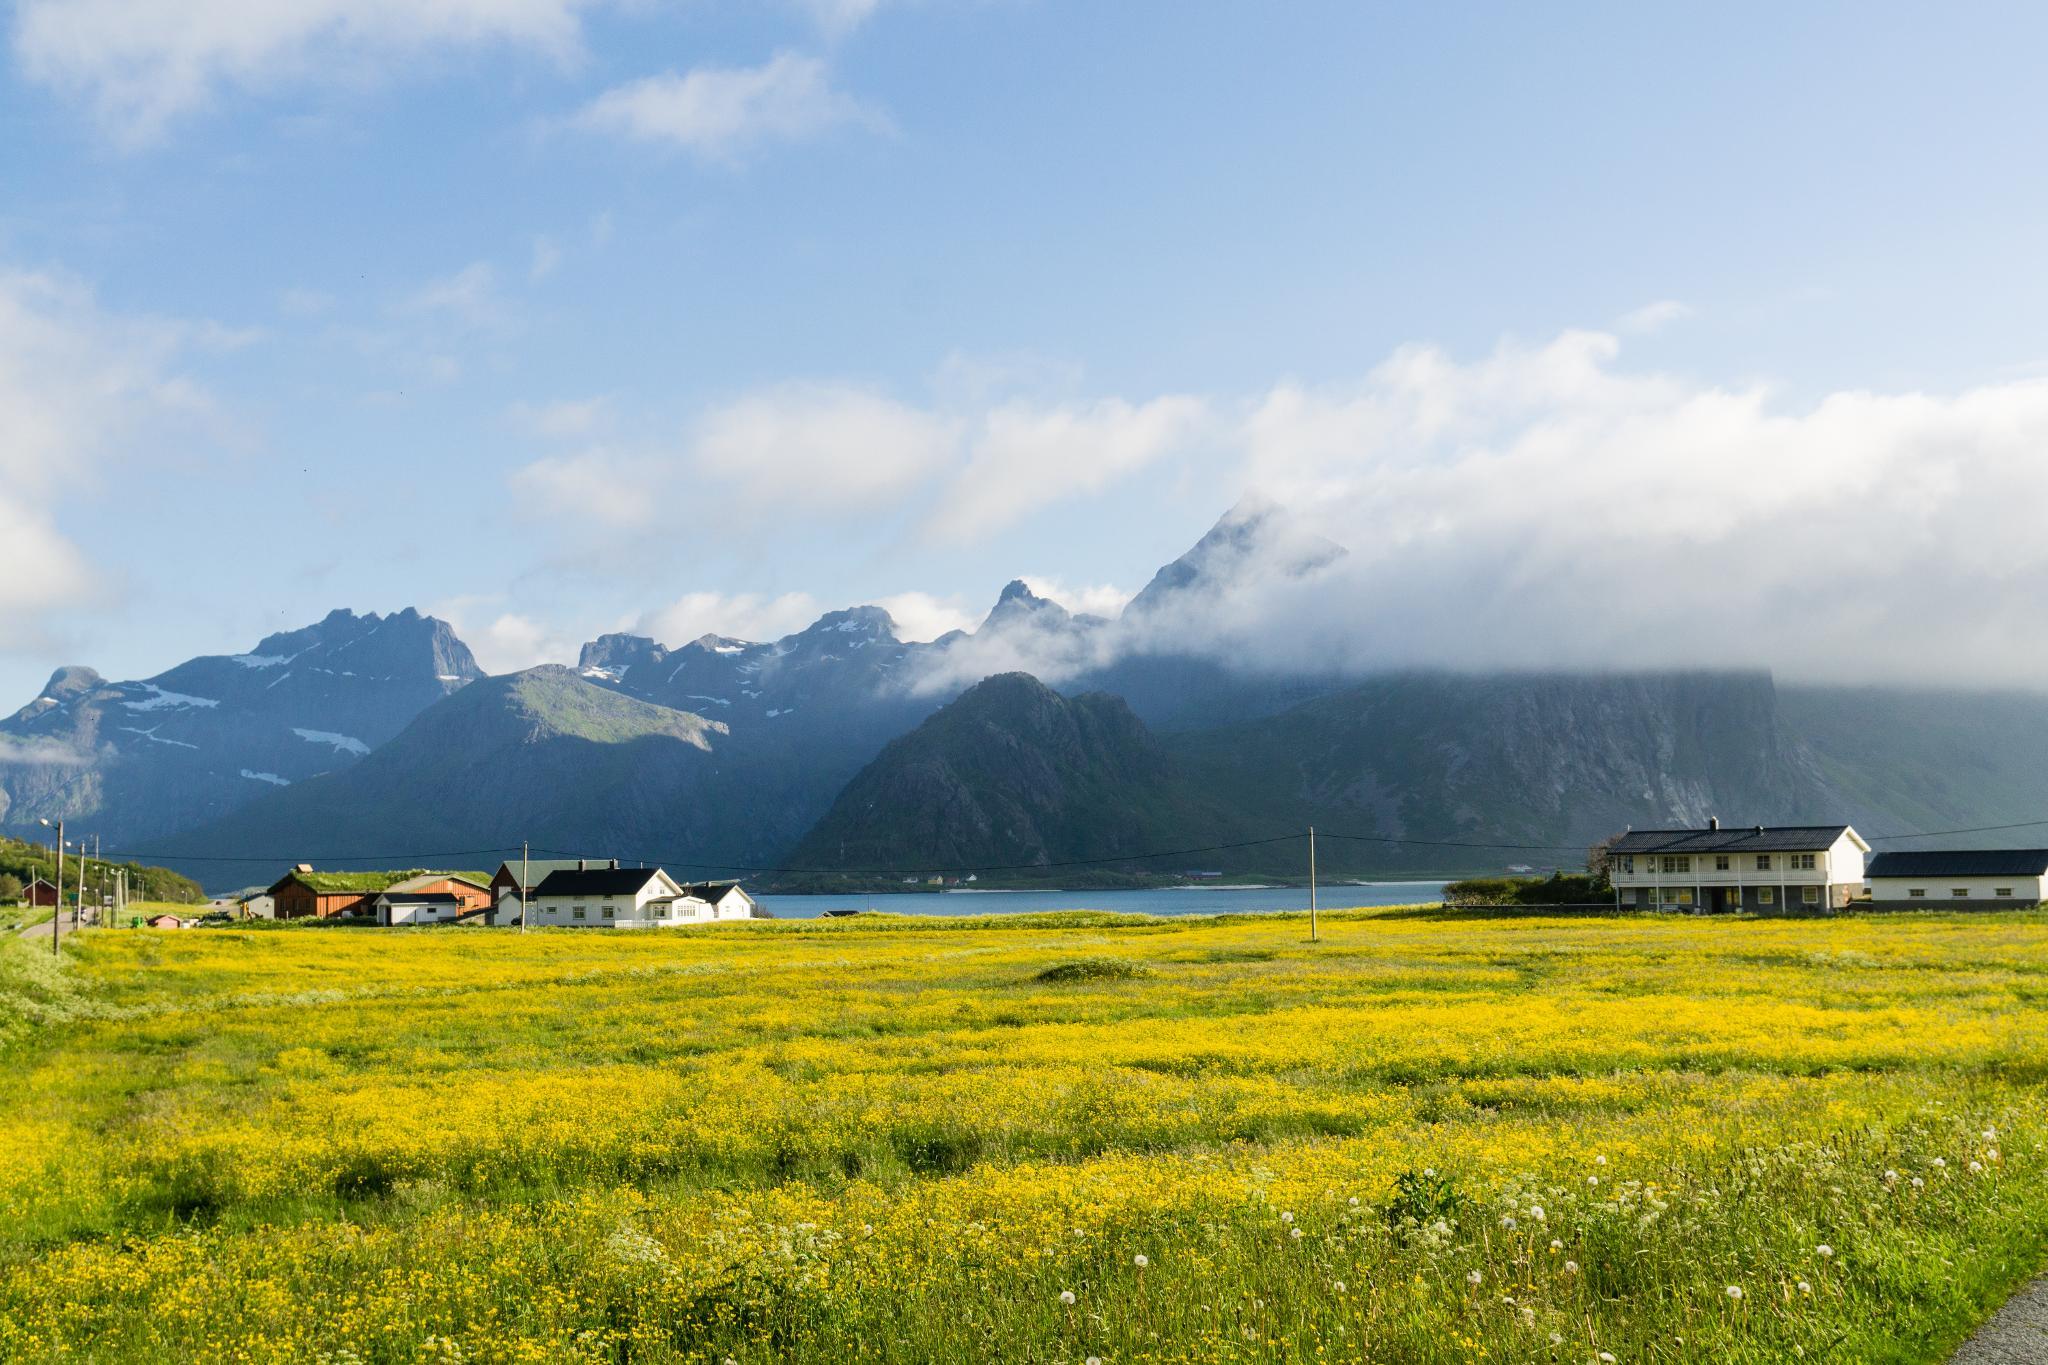 【羅弗敦群島】前進世界最美麗的島嶼 - Lofoten Islands 行程全攻略 19